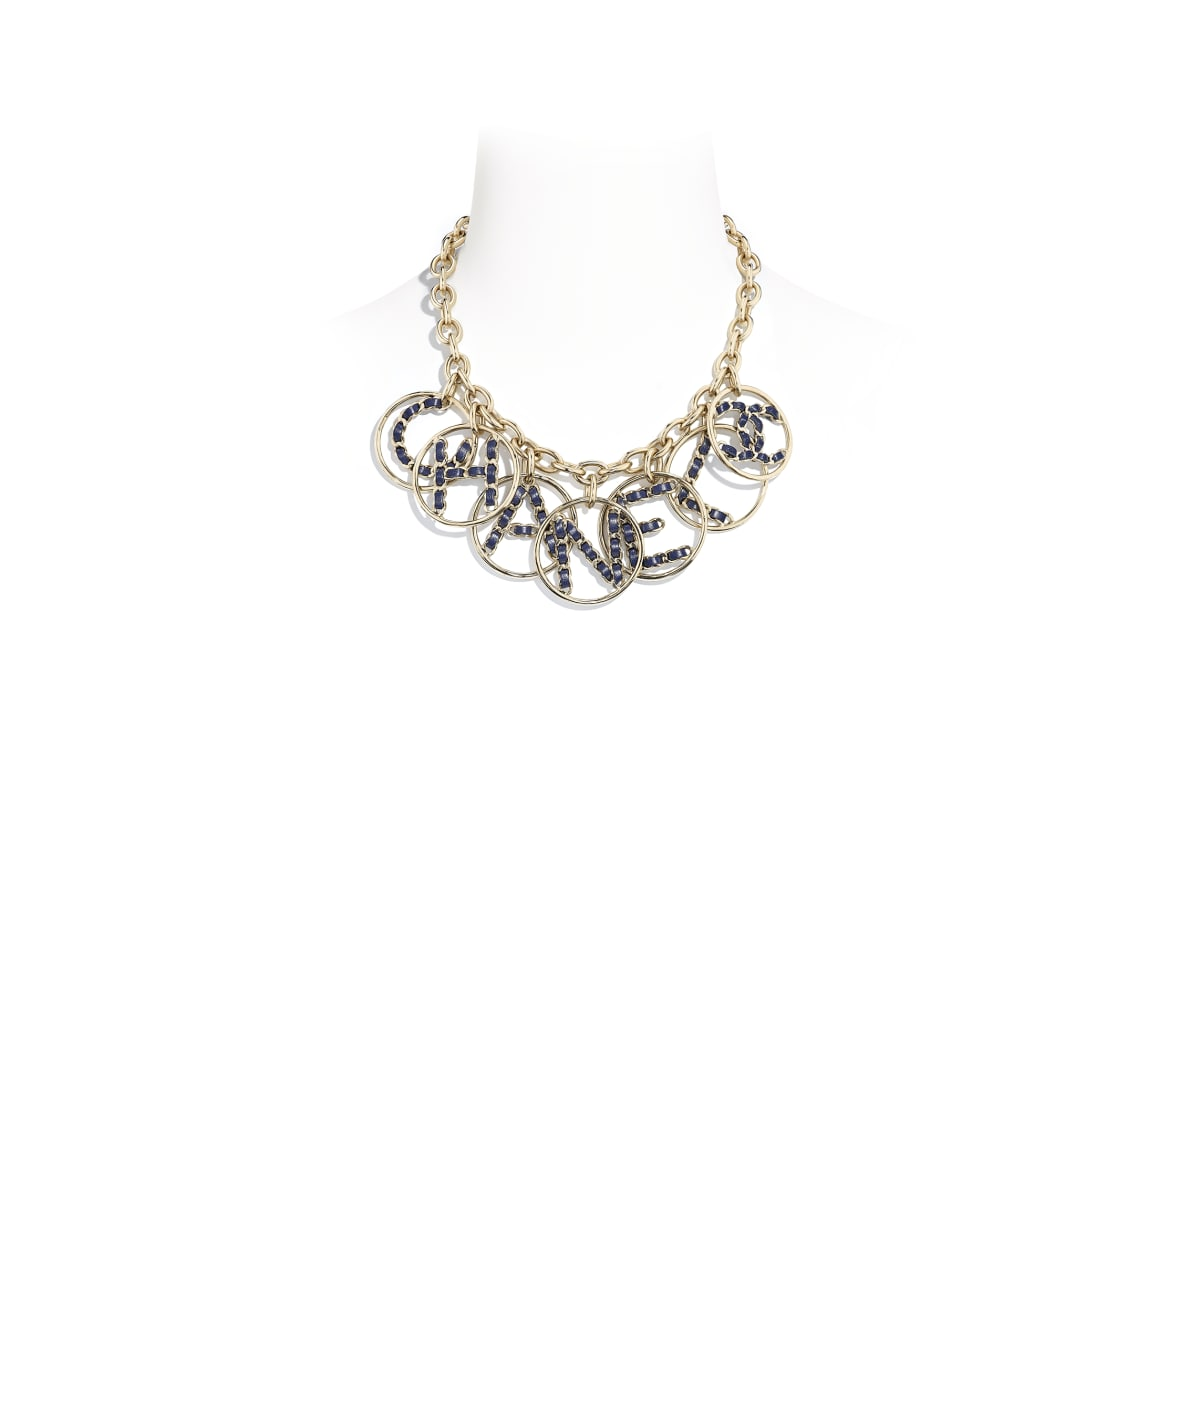 Colliers - Bijoux - CHANEL e8d936092f2